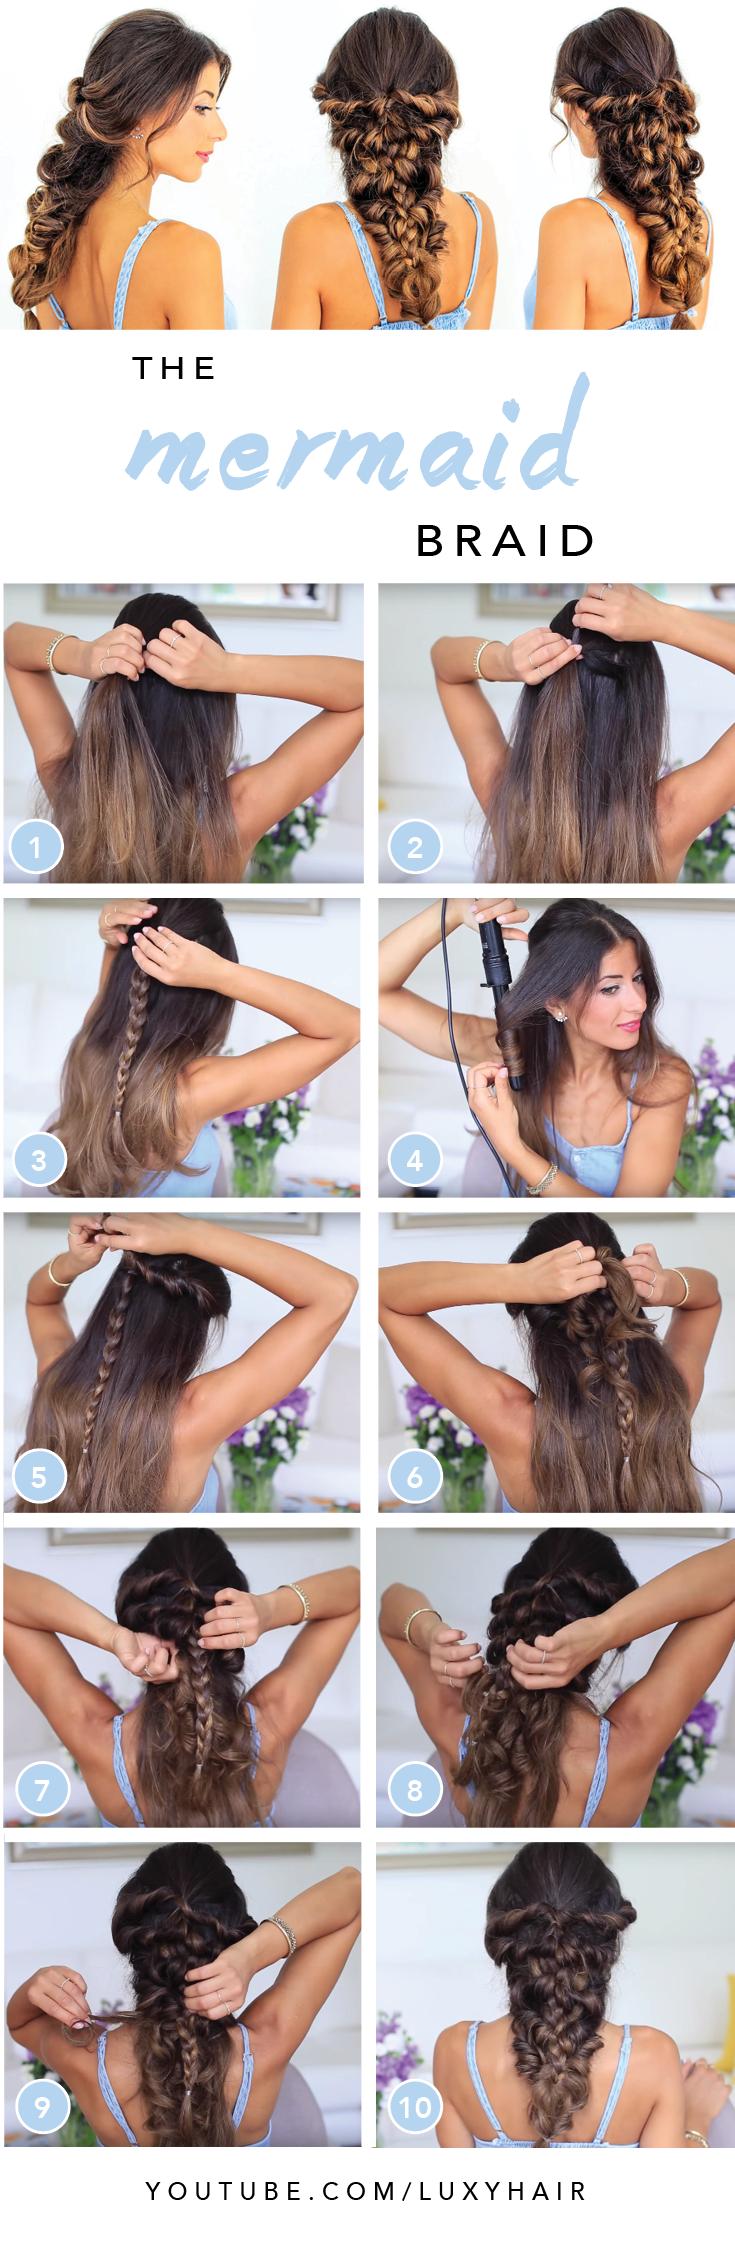 Mermaid Braid Tutorial — Luxy Hair Blog - All about hair ...